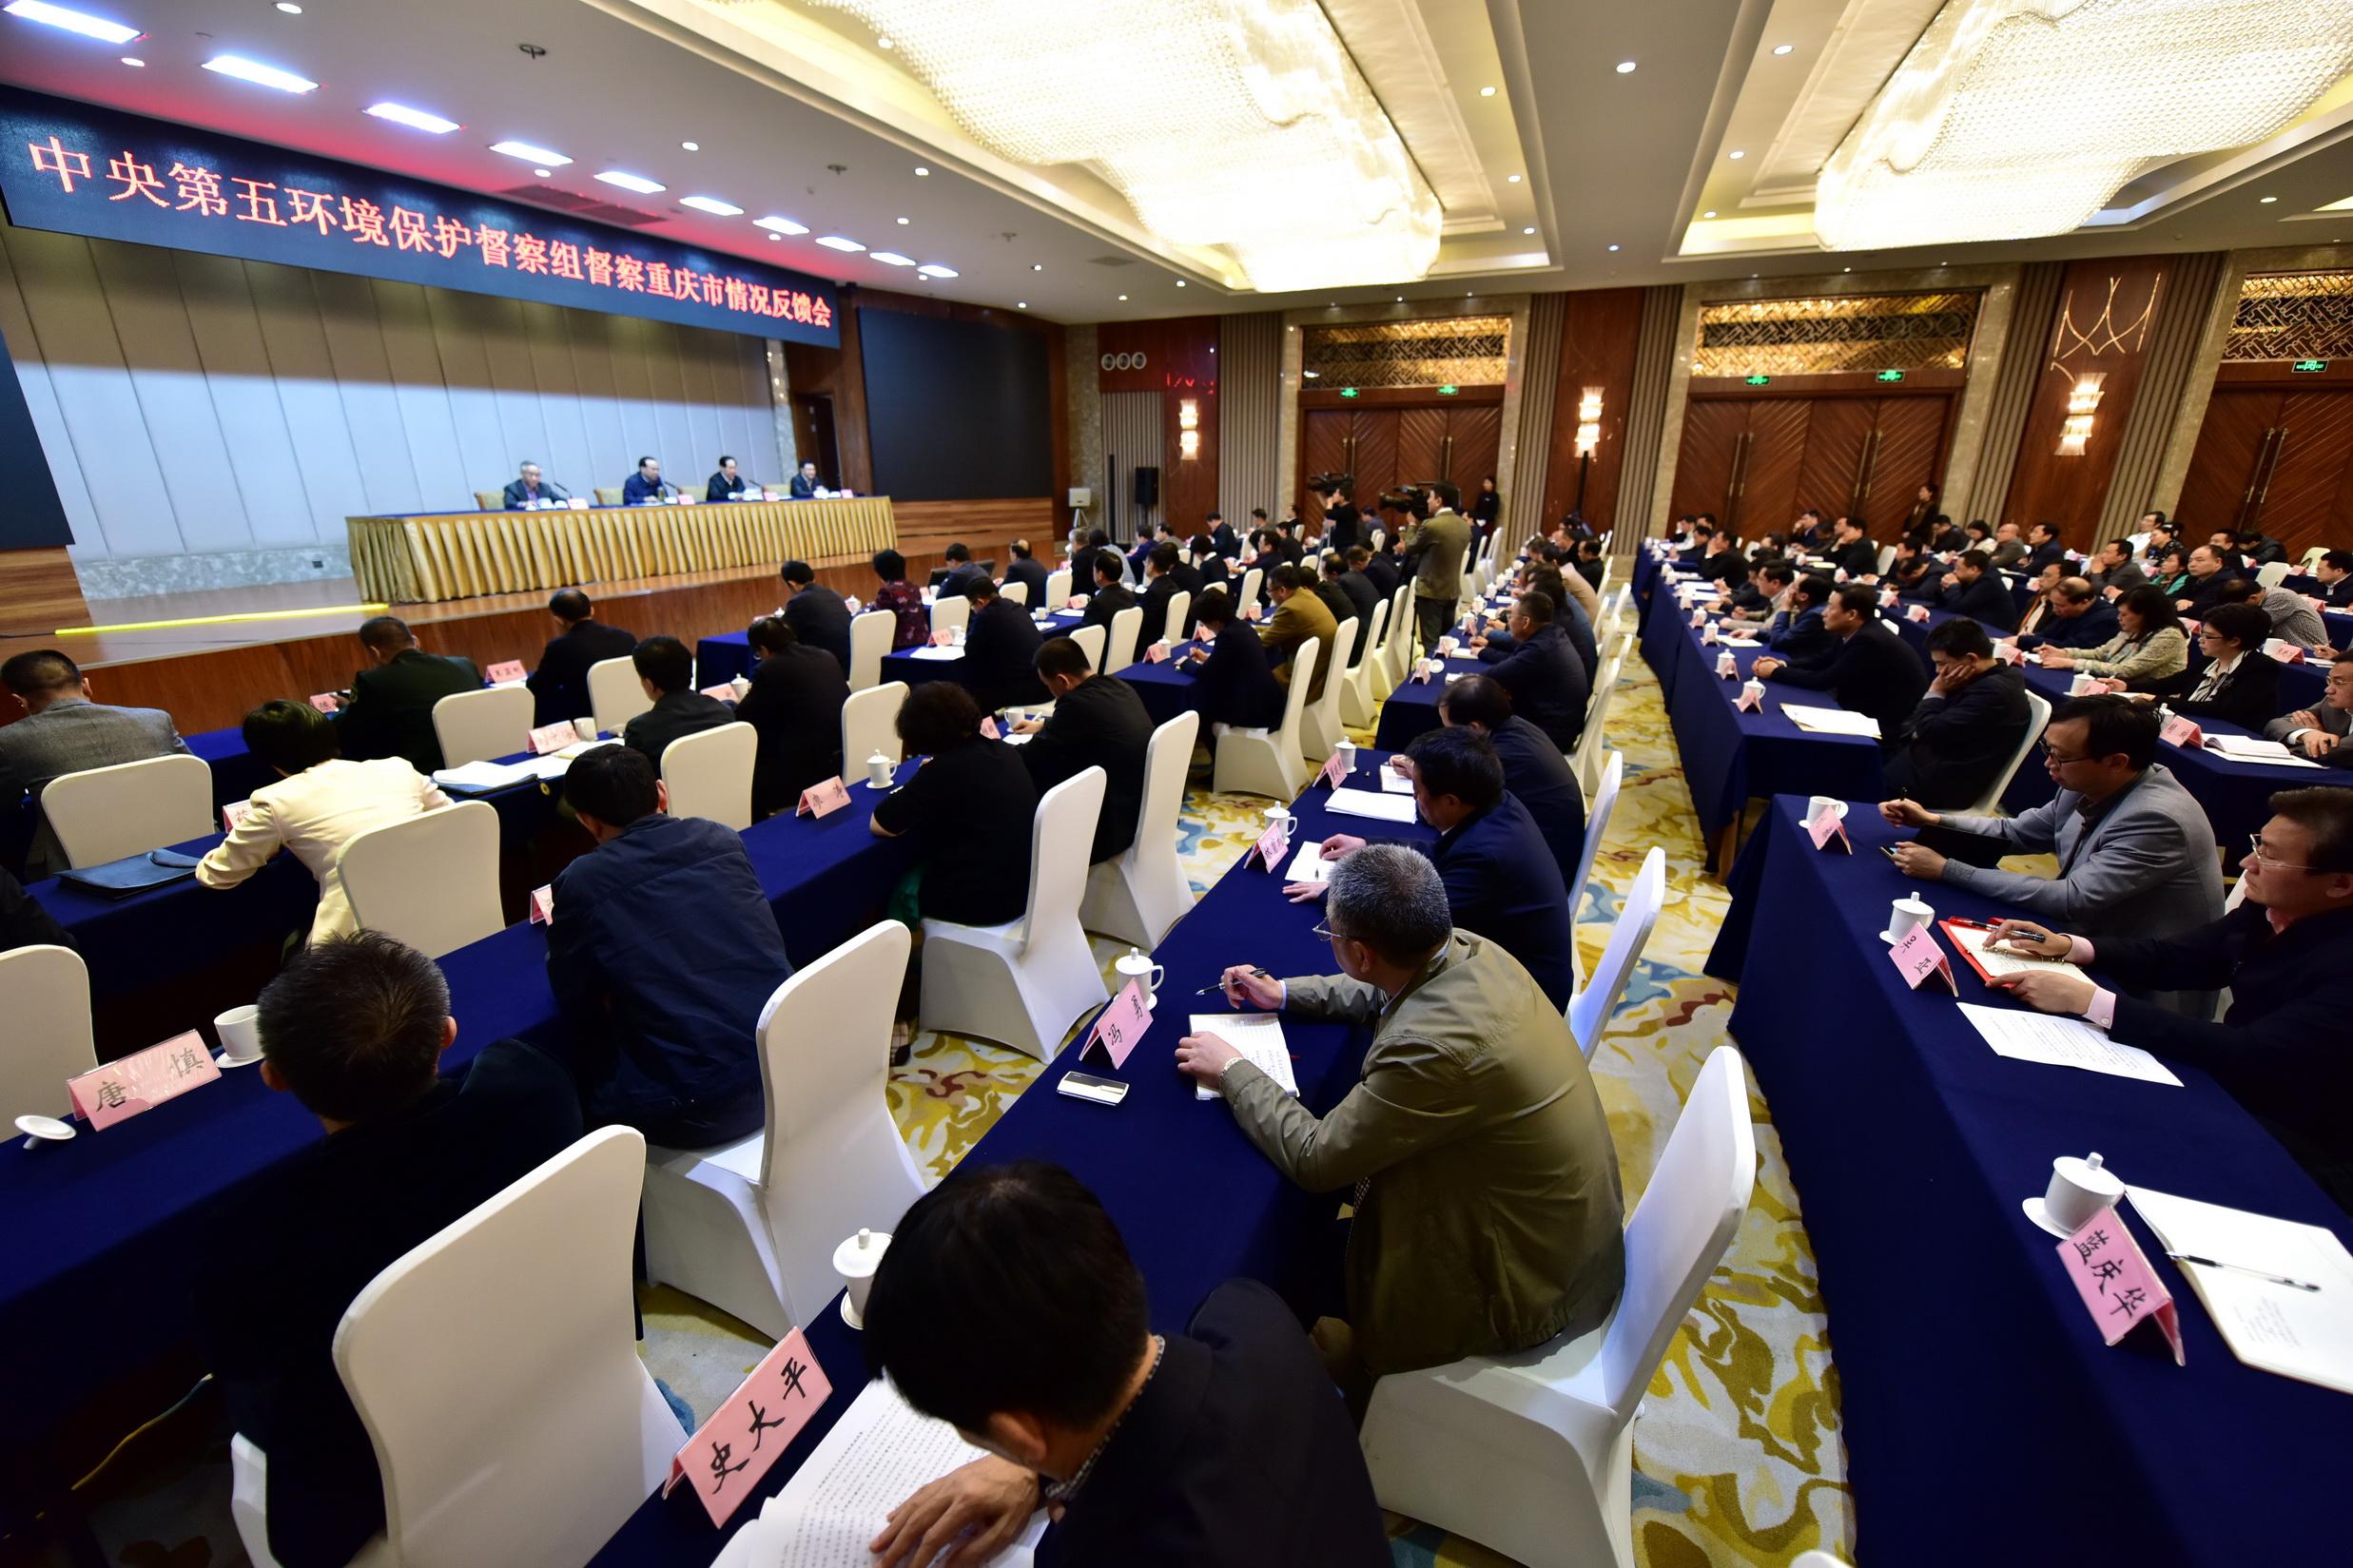 2013年1月重庆gdp_透视重庆:GDP增速连续11个季度领跑全国环保是否跟上